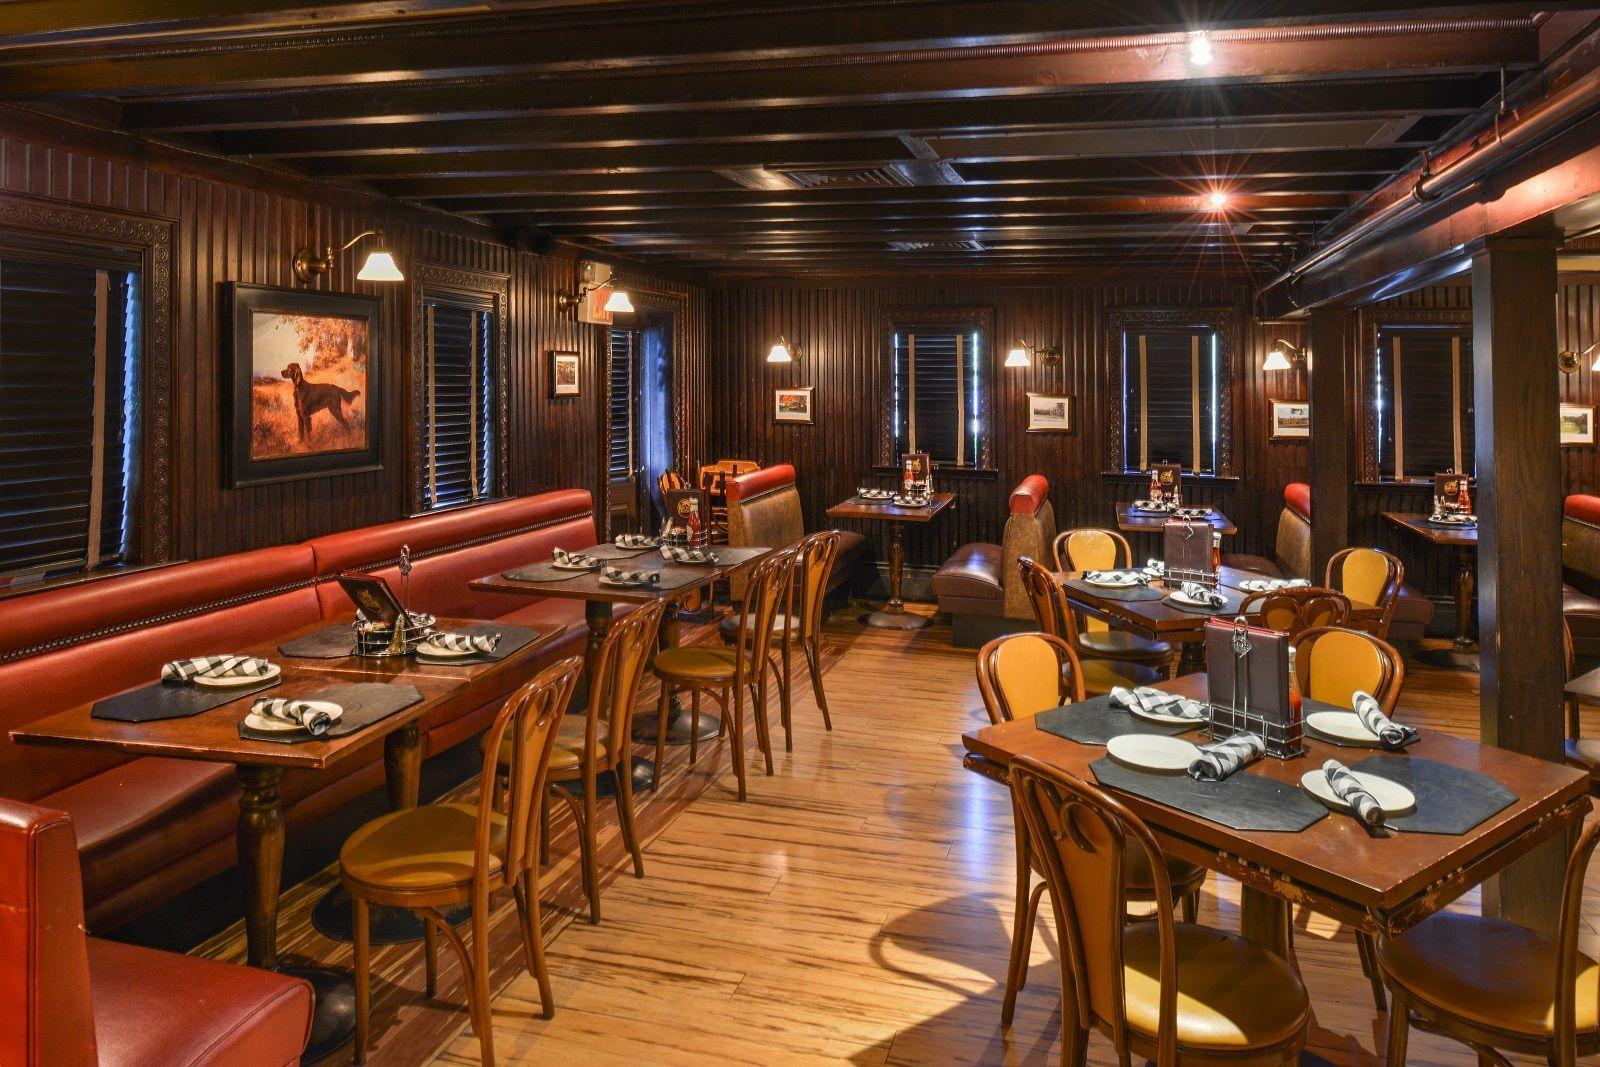 GK's Red Dog Tavern seating